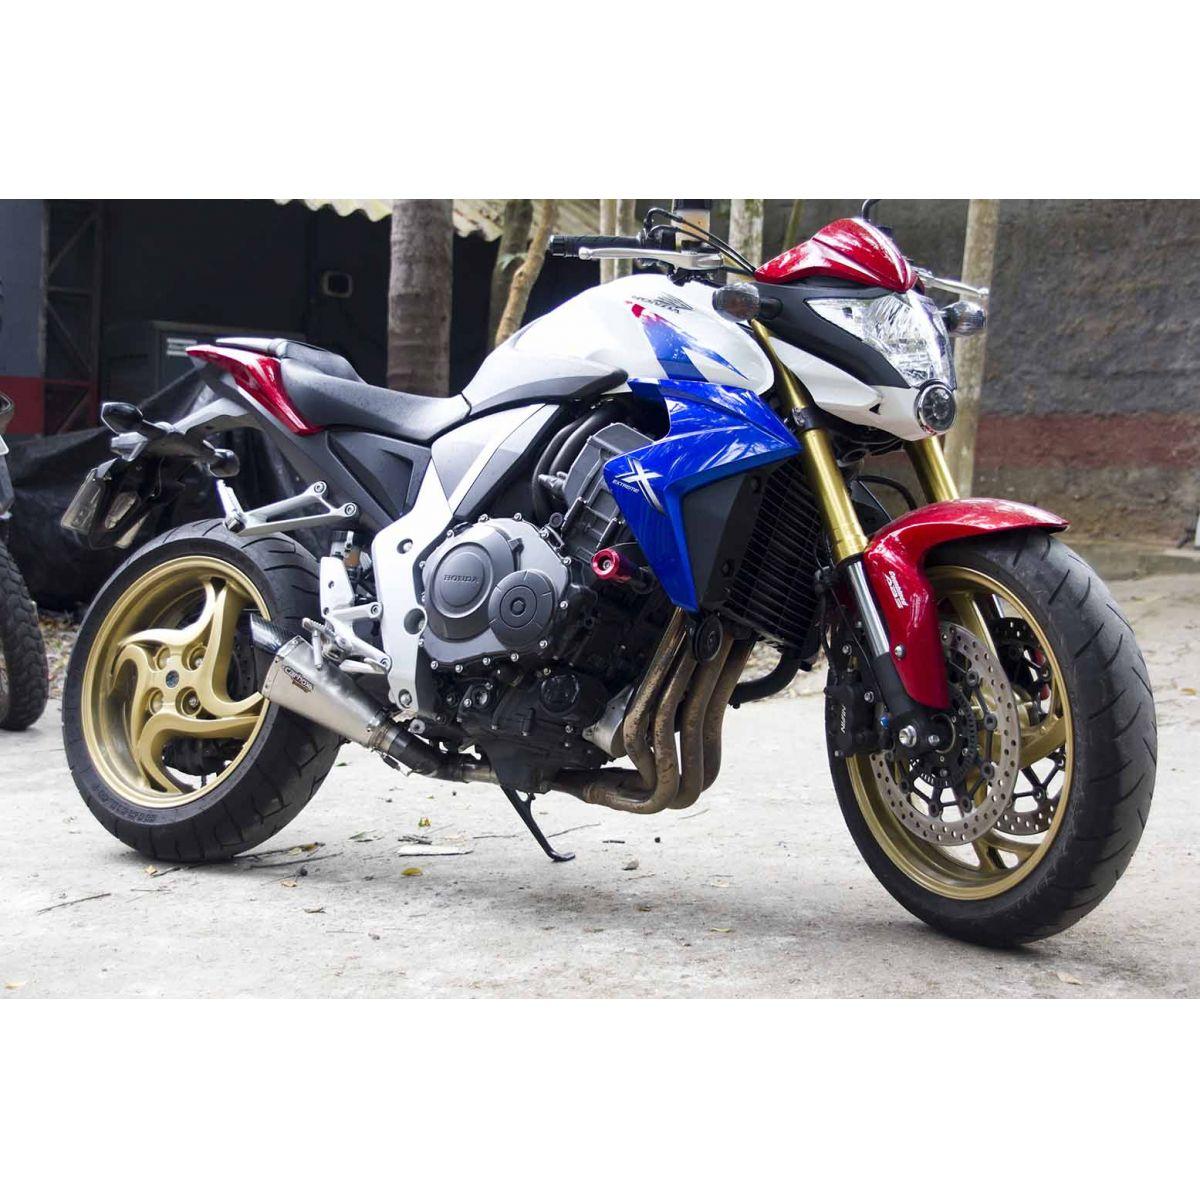 Ponteira Esportiva Scorpion GP 720 Inox Full 2x1 p/ CB1000r Todas